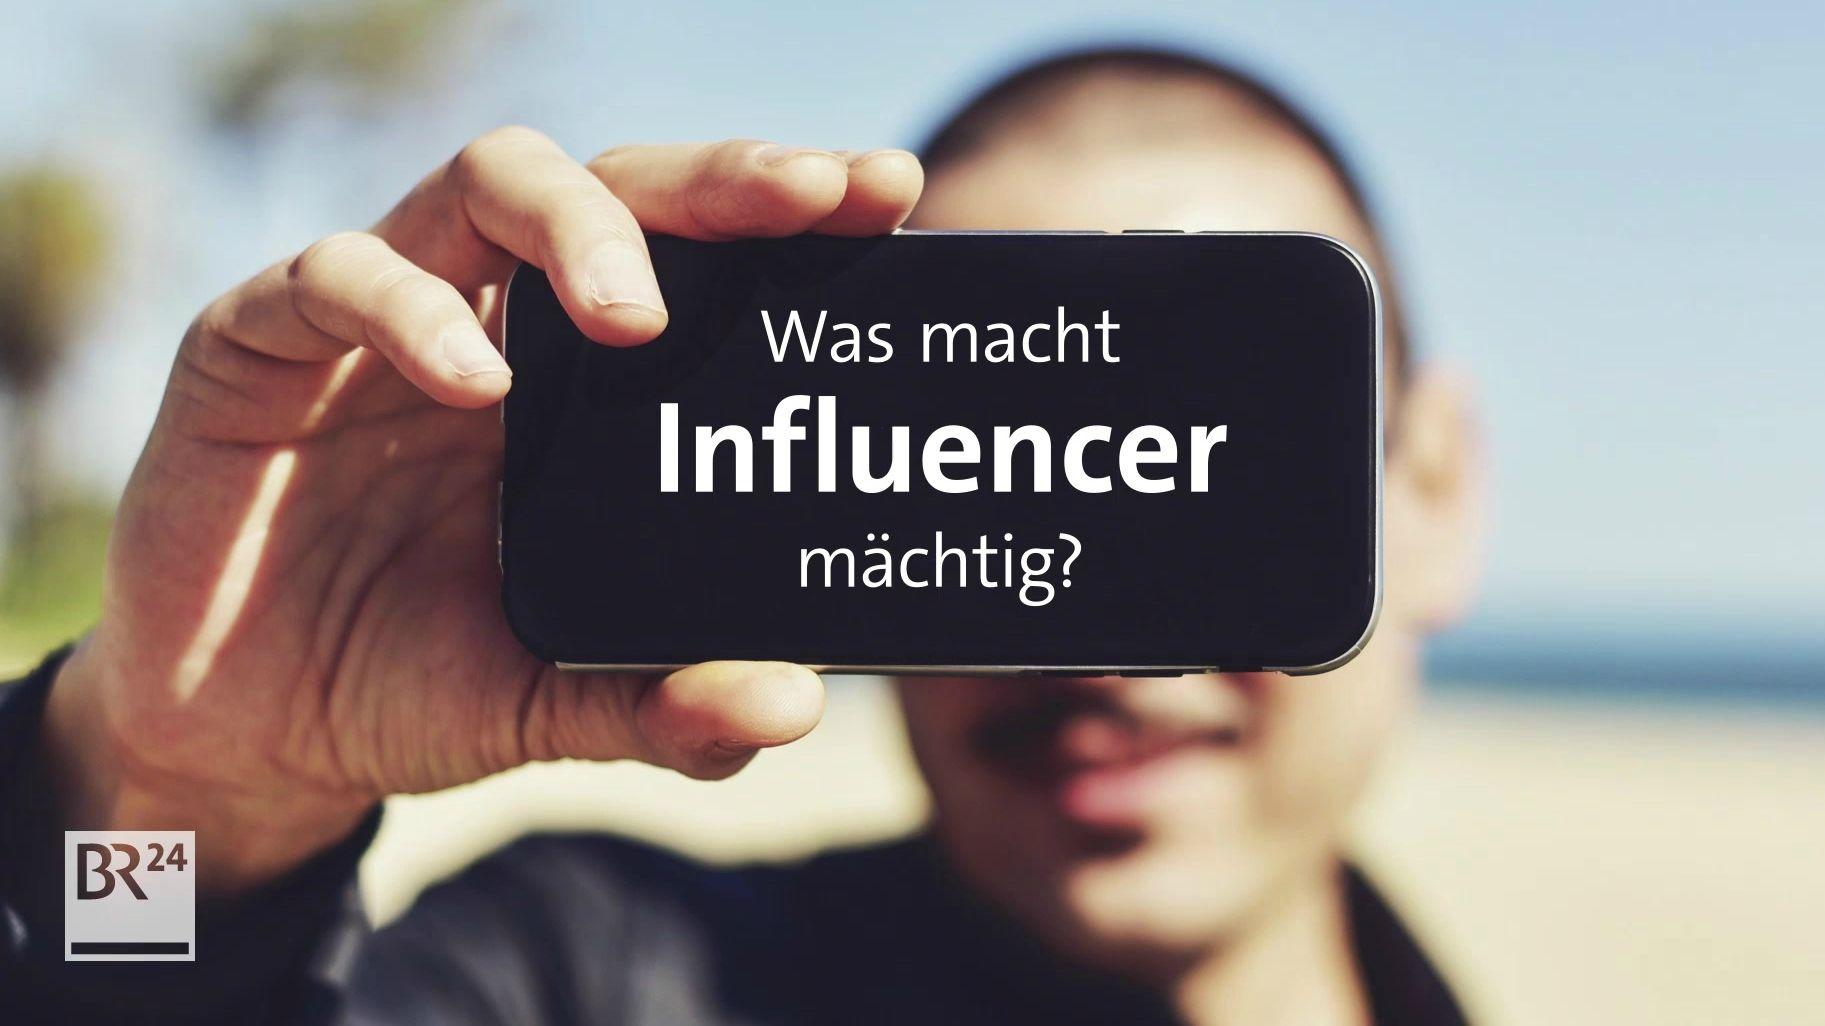 Influencer sind Vorbilder und Trendsetter. Wie mächtig sind sie wirklich? #fragBR24